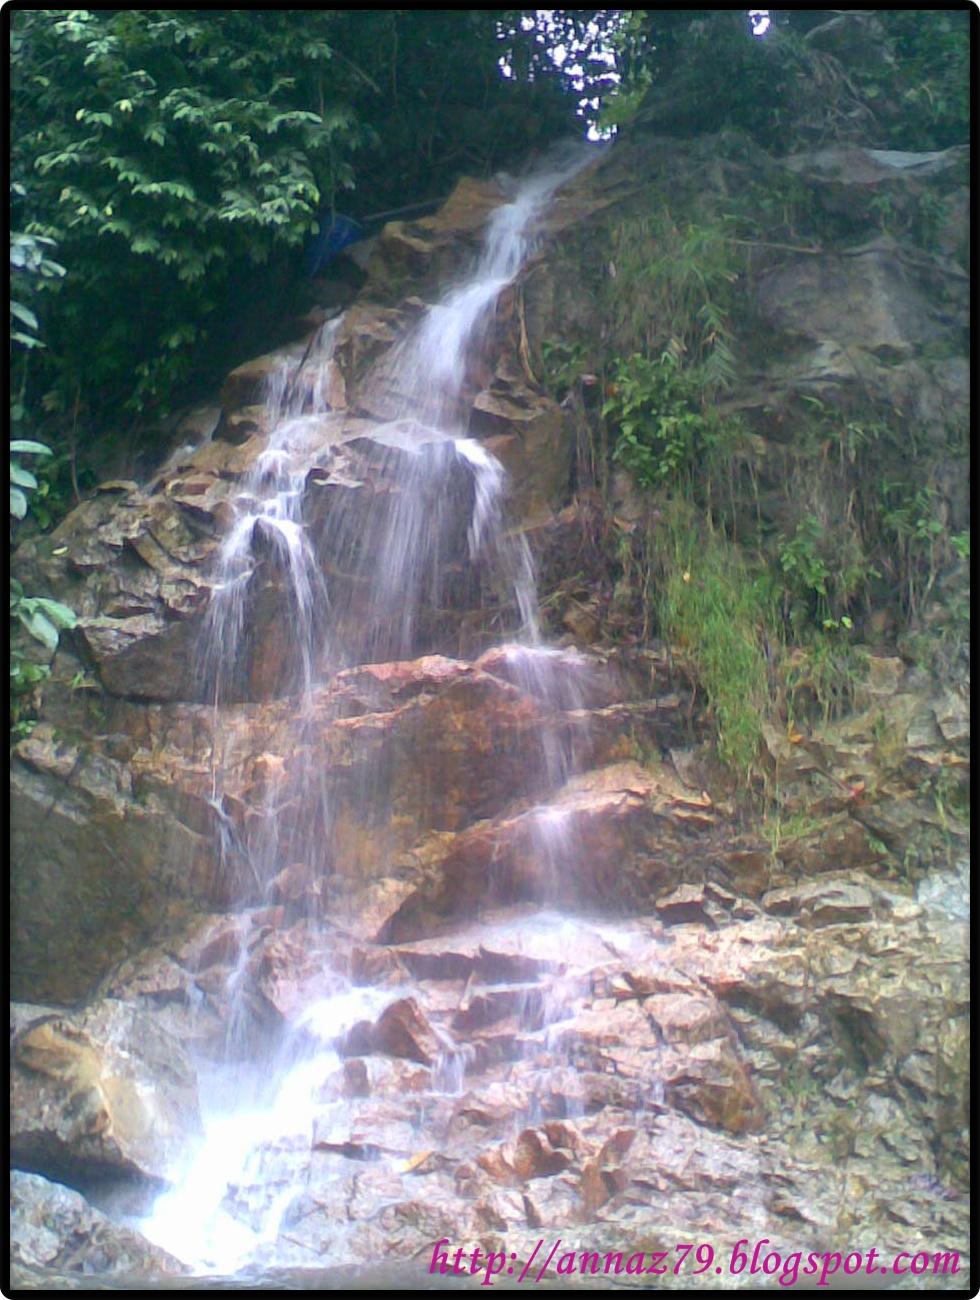 annaz79.blogspot.com